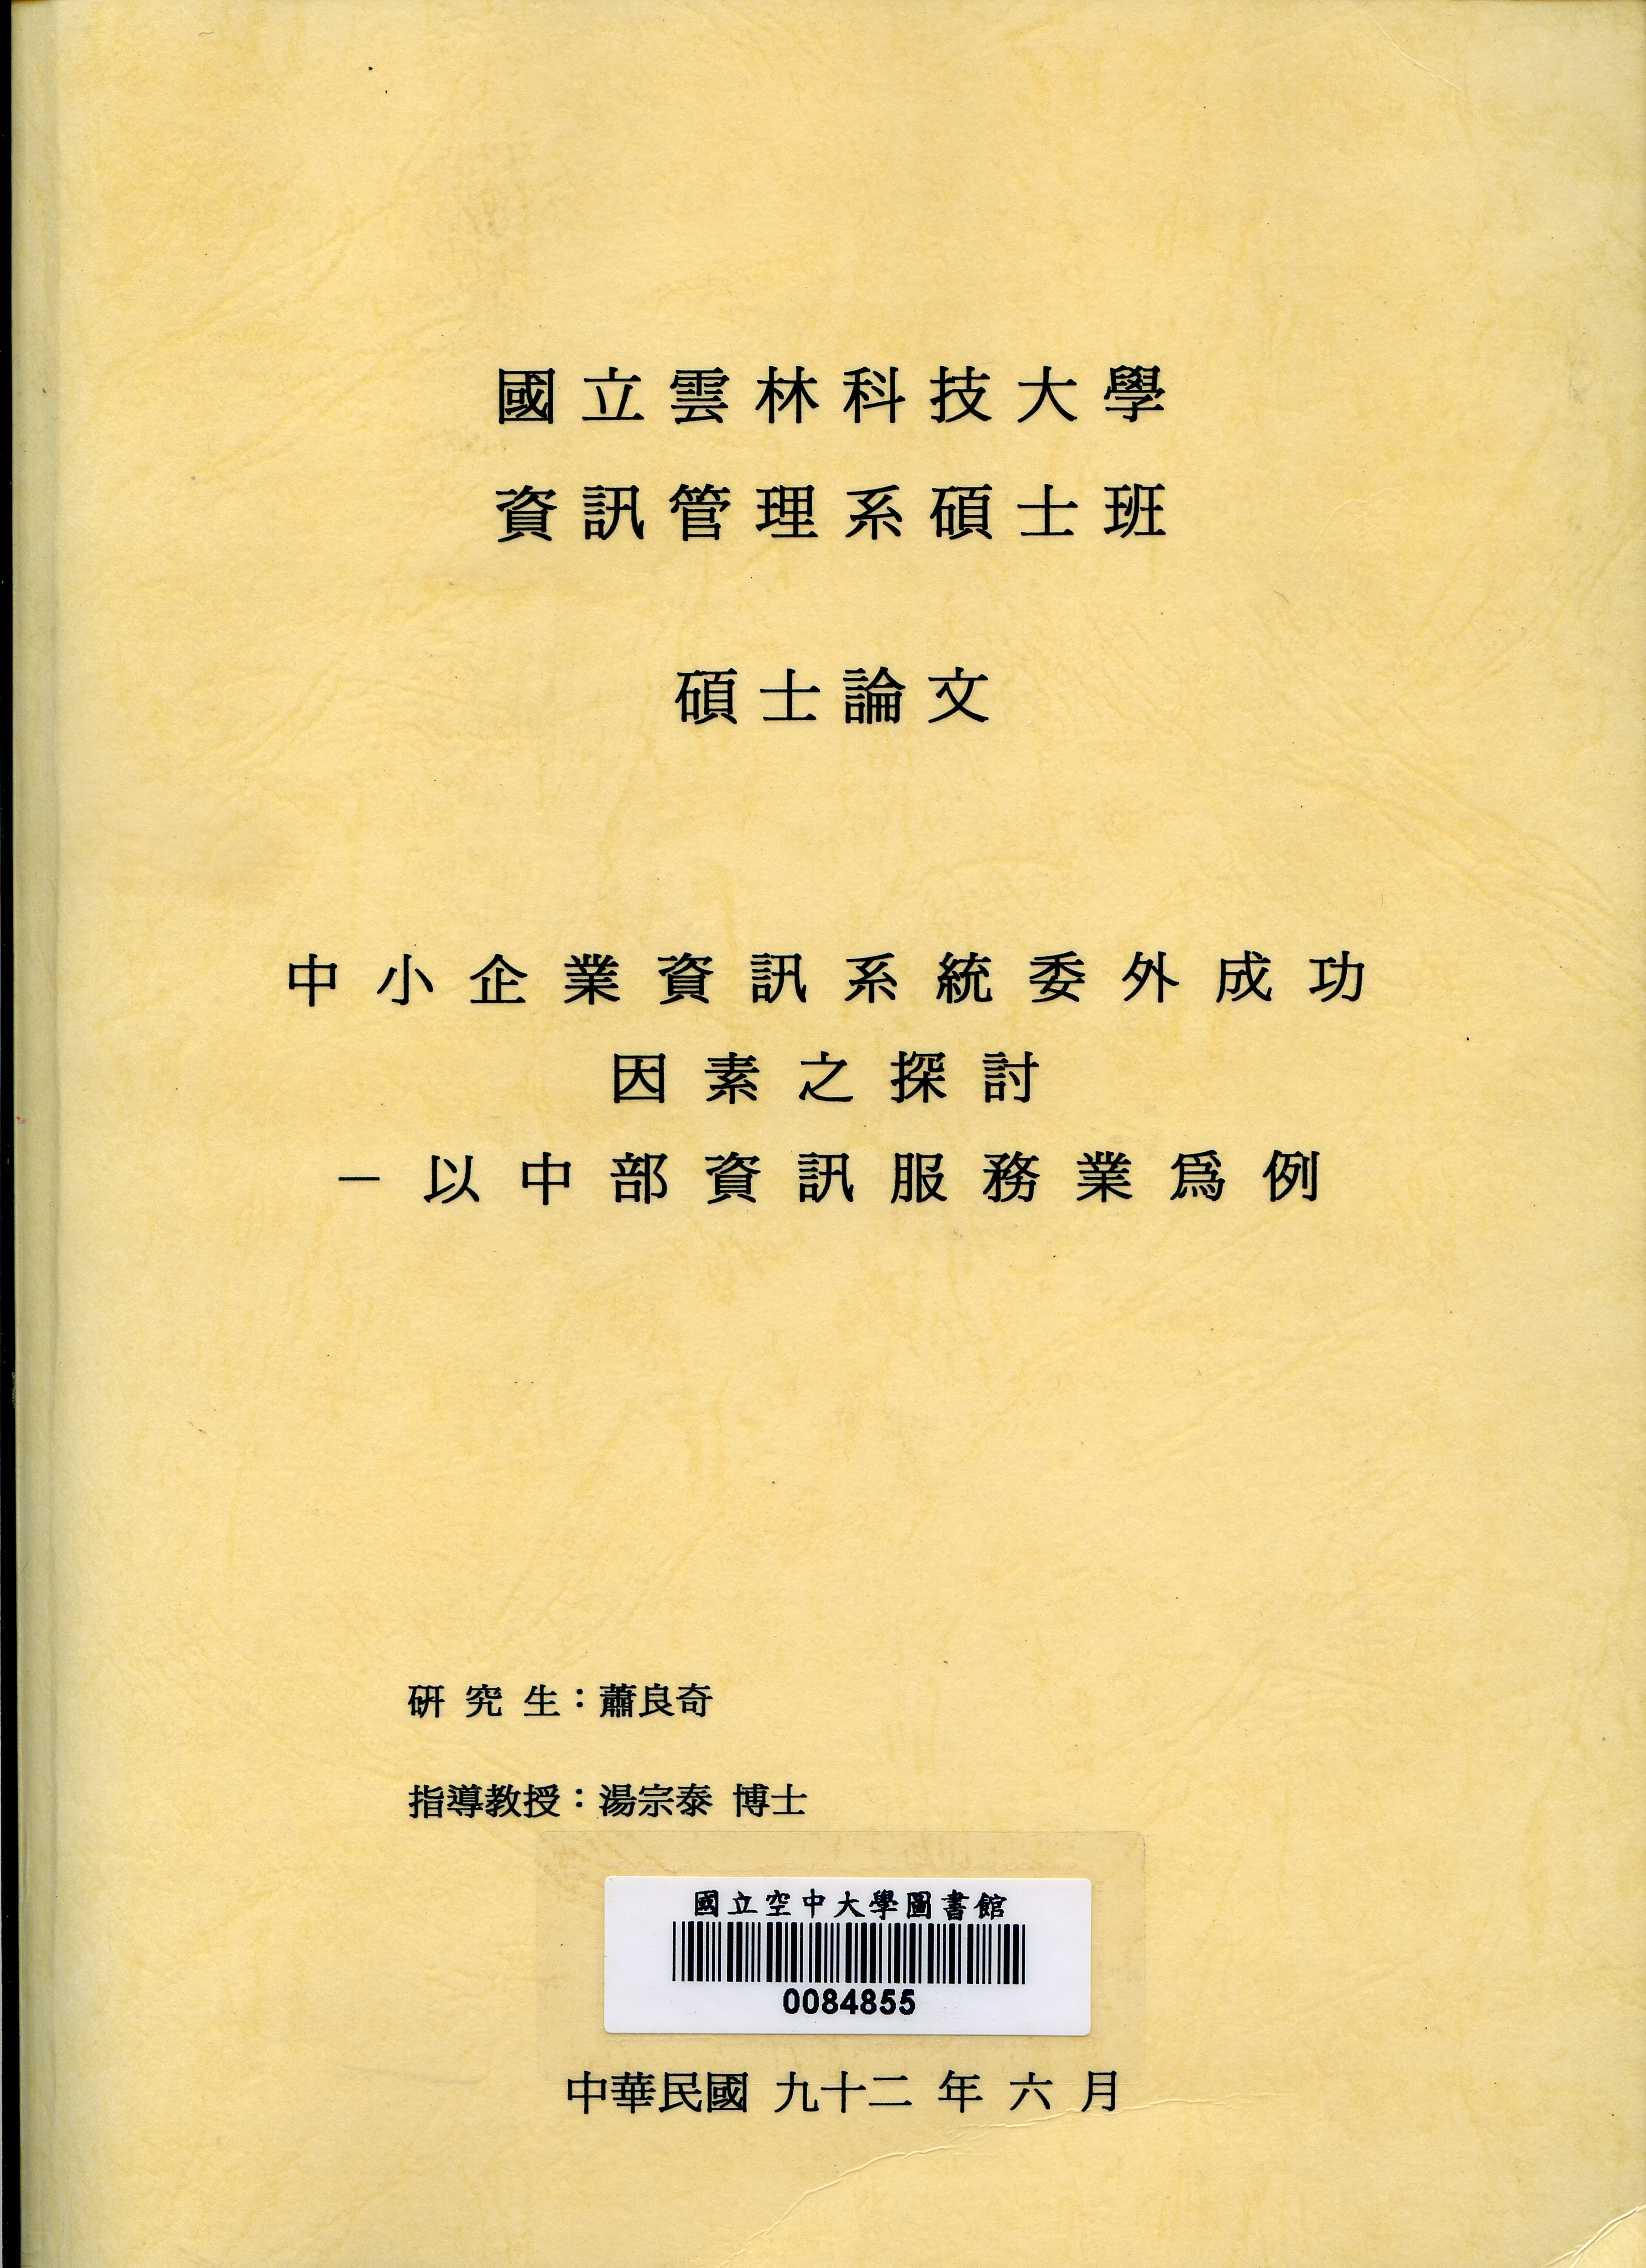 中小企業資訊系統委外成功因素之探討 : 以中部資訊服務業為例 = A study on success factors of information systems outsoucing for samll and medium enterprises : take information service companies in central Taiwan as a example